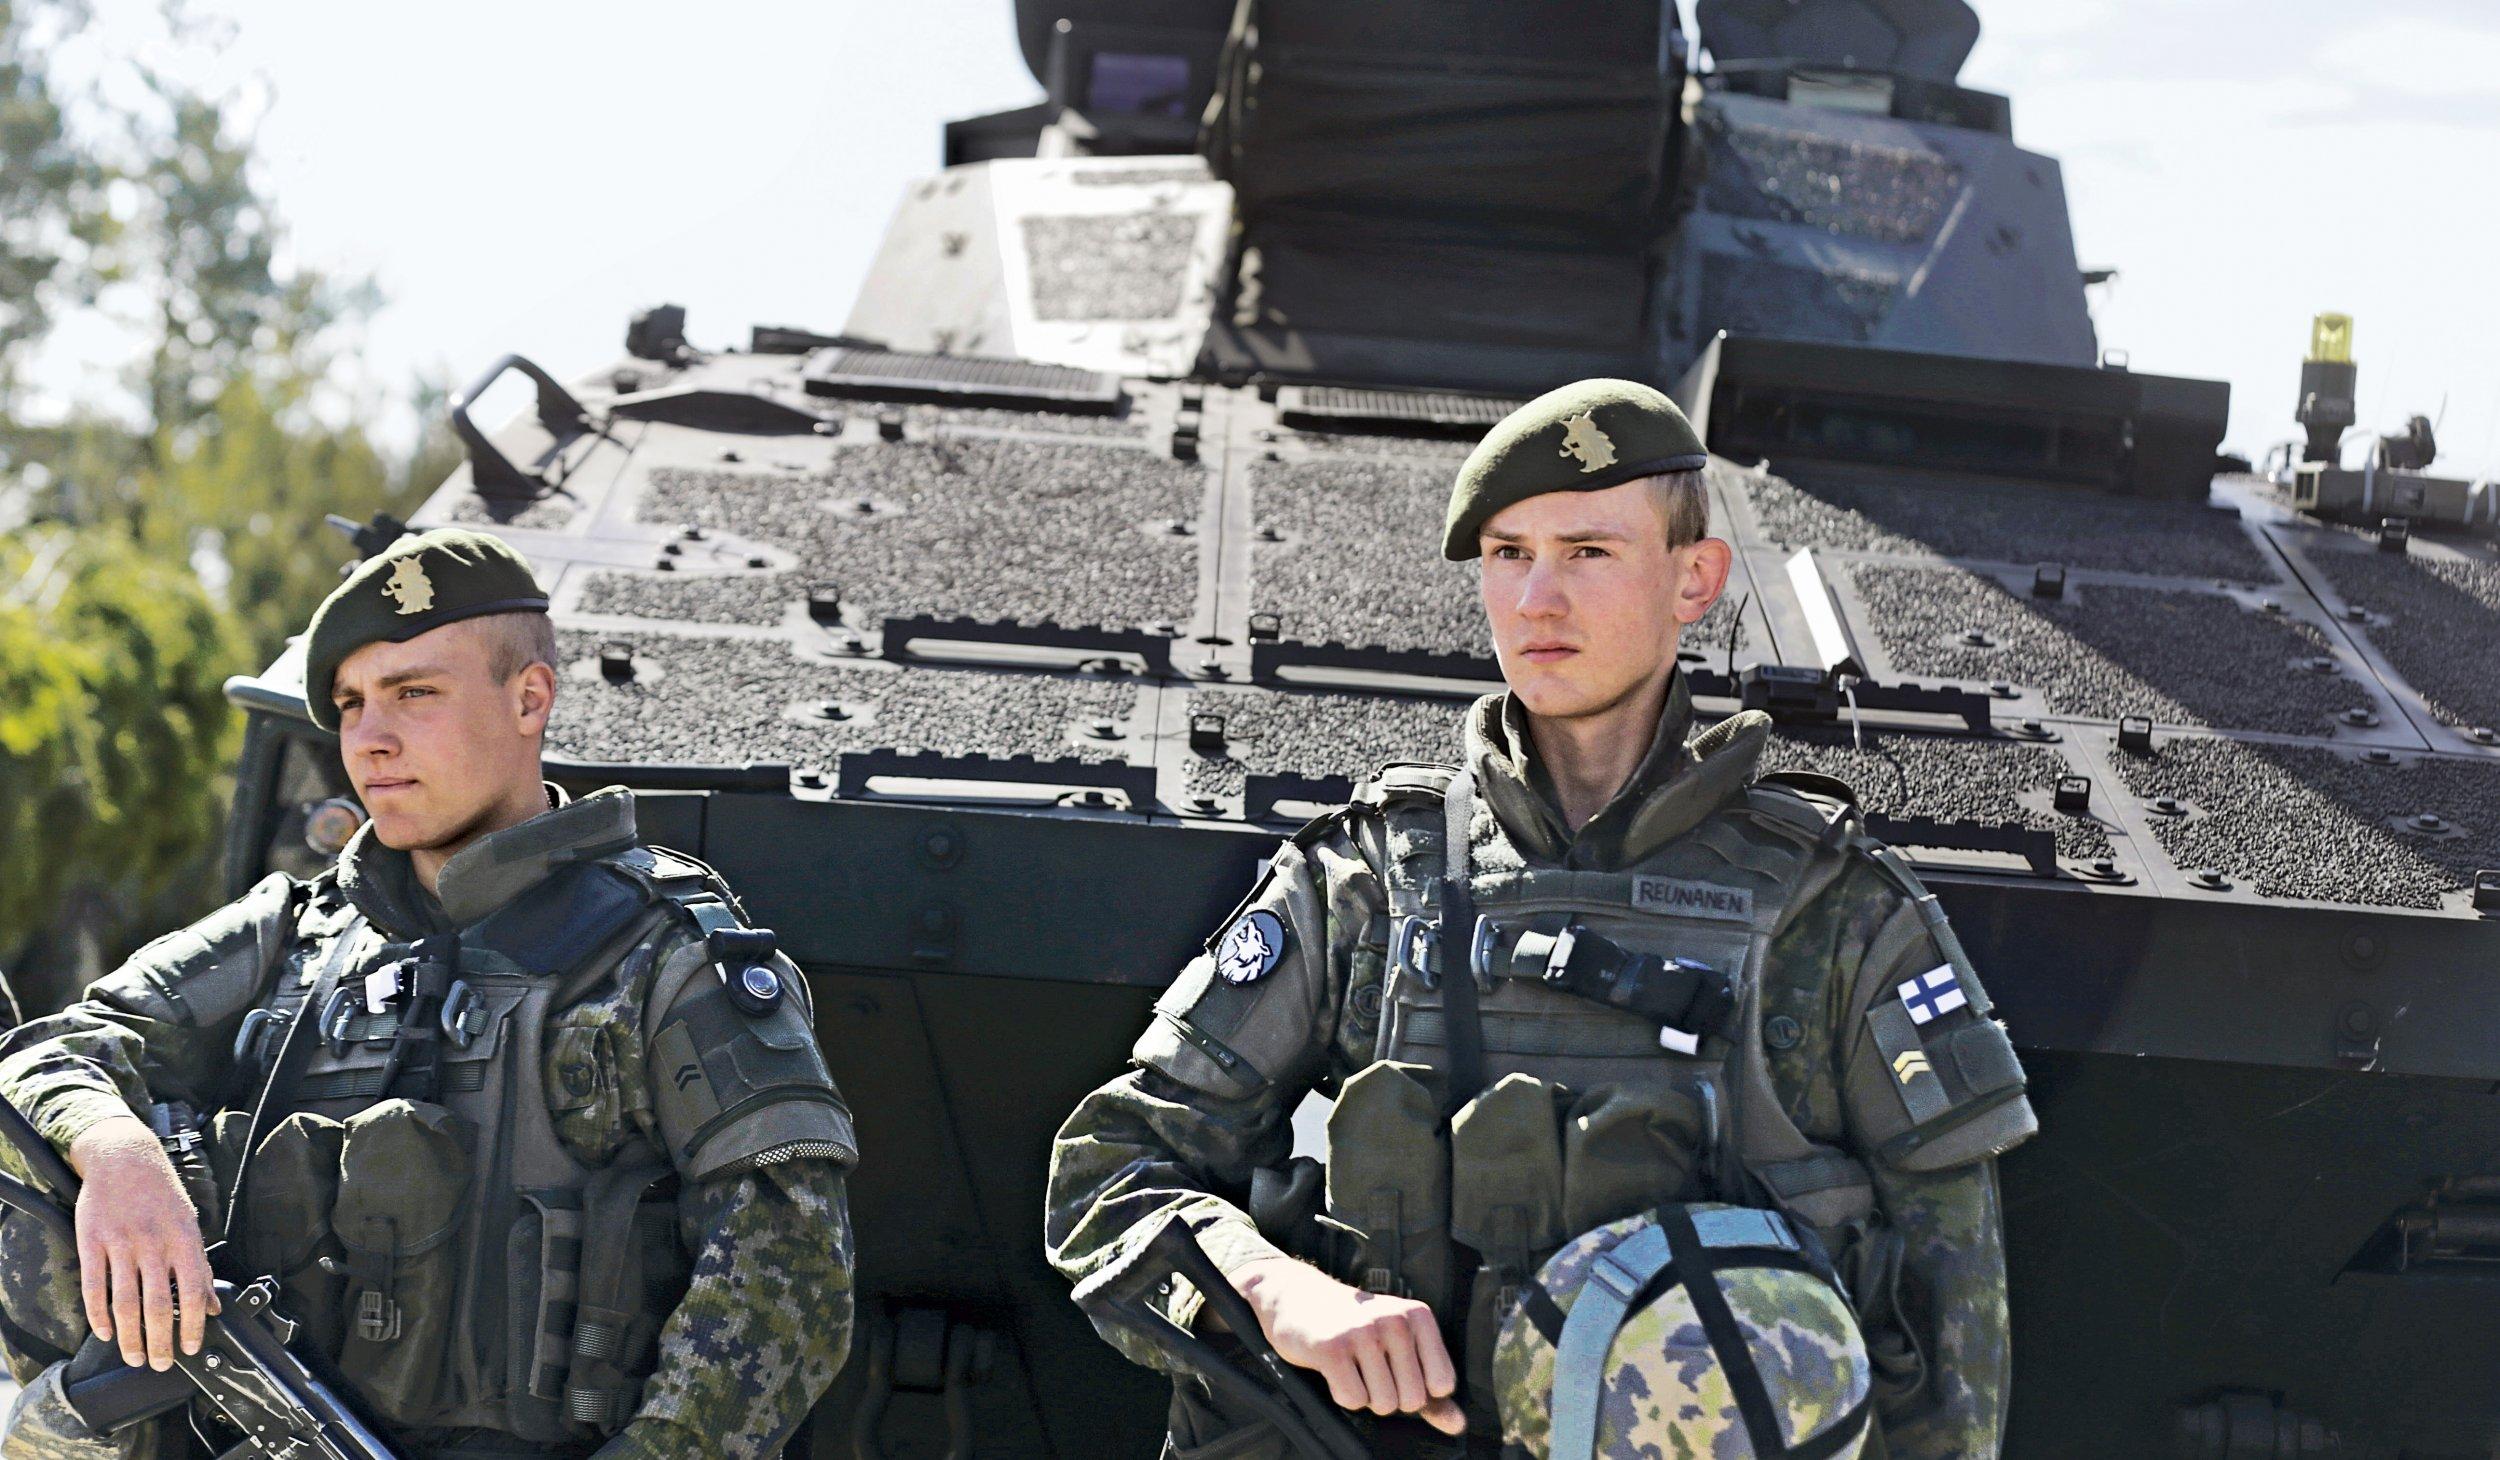 07_03_FinlandRussia_01-web